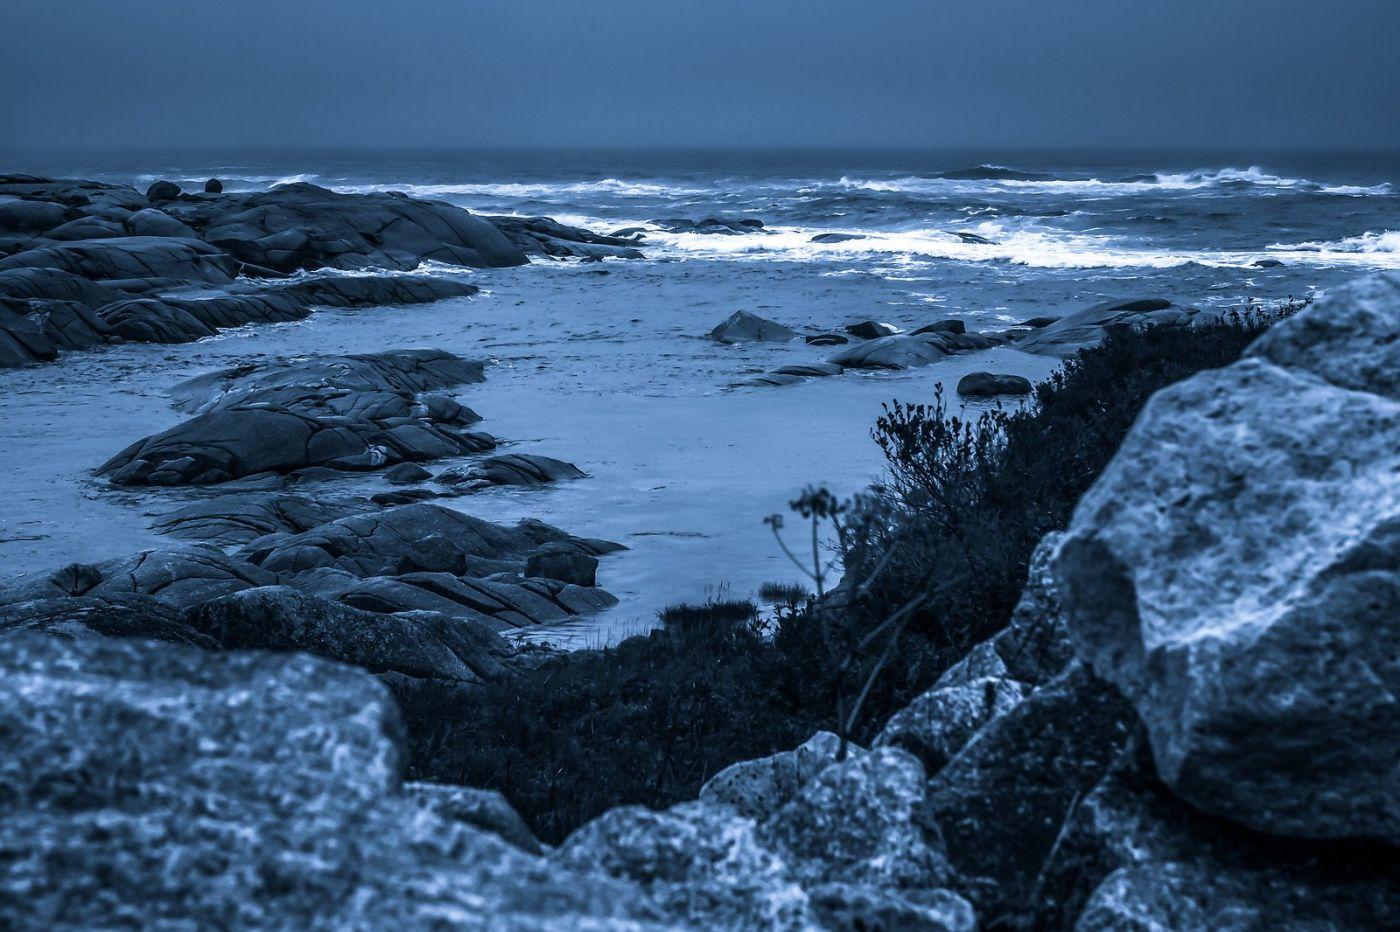 加拿大佩吉海湾(Peggys Cove),礁石上的灯塔_图1-26